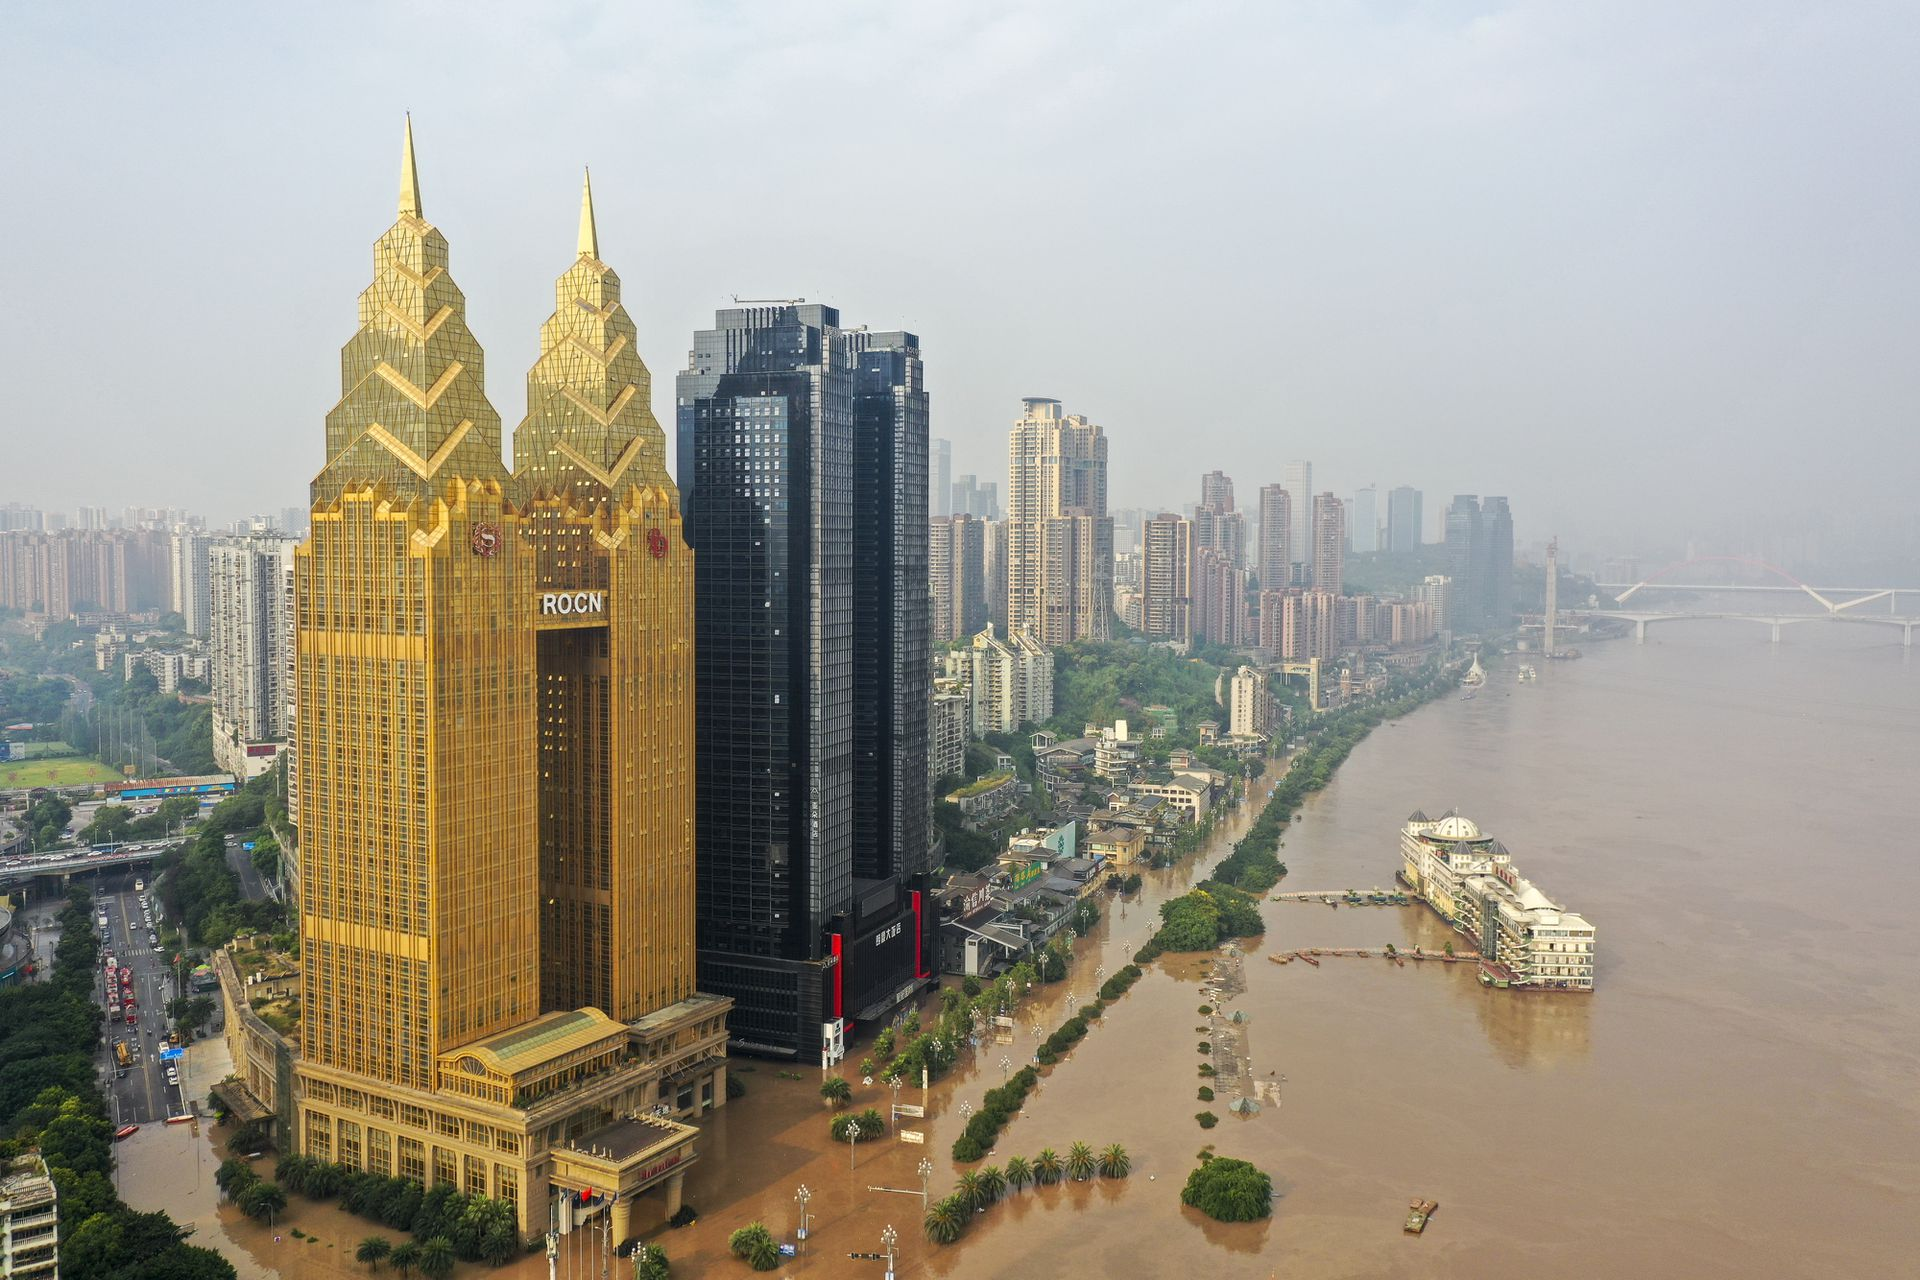 """受""""长江2020年第5号洪水""""""""嘉陵江2020年第2号洪水""""影响,8月18至20日,中国西南城市遭遇罕见的洪水。重庆主城沿江迎来历史罕见过境洪水,8月20日上午,长江、嘉陵江洪水洪峰通过重庆主城中心城区,随后水位持续回落,被淹没的沿江道路缓慢露出水面,城区部分低洼地带的积水逐渐退去。(新华社)"""